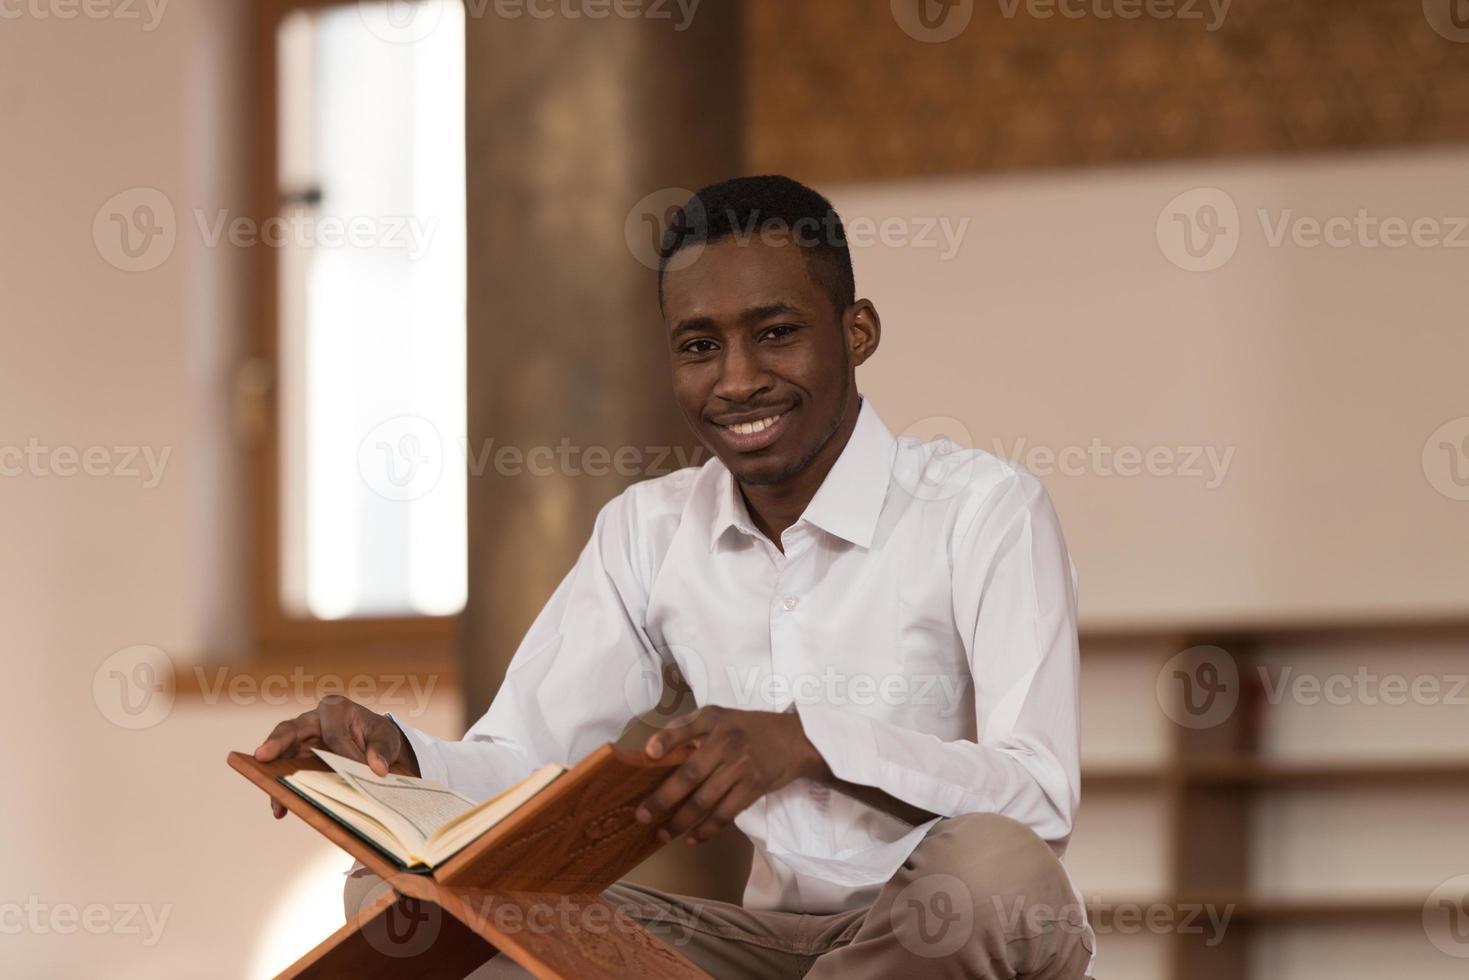 homme musulman africain lisant le saint livre islamique coran photo